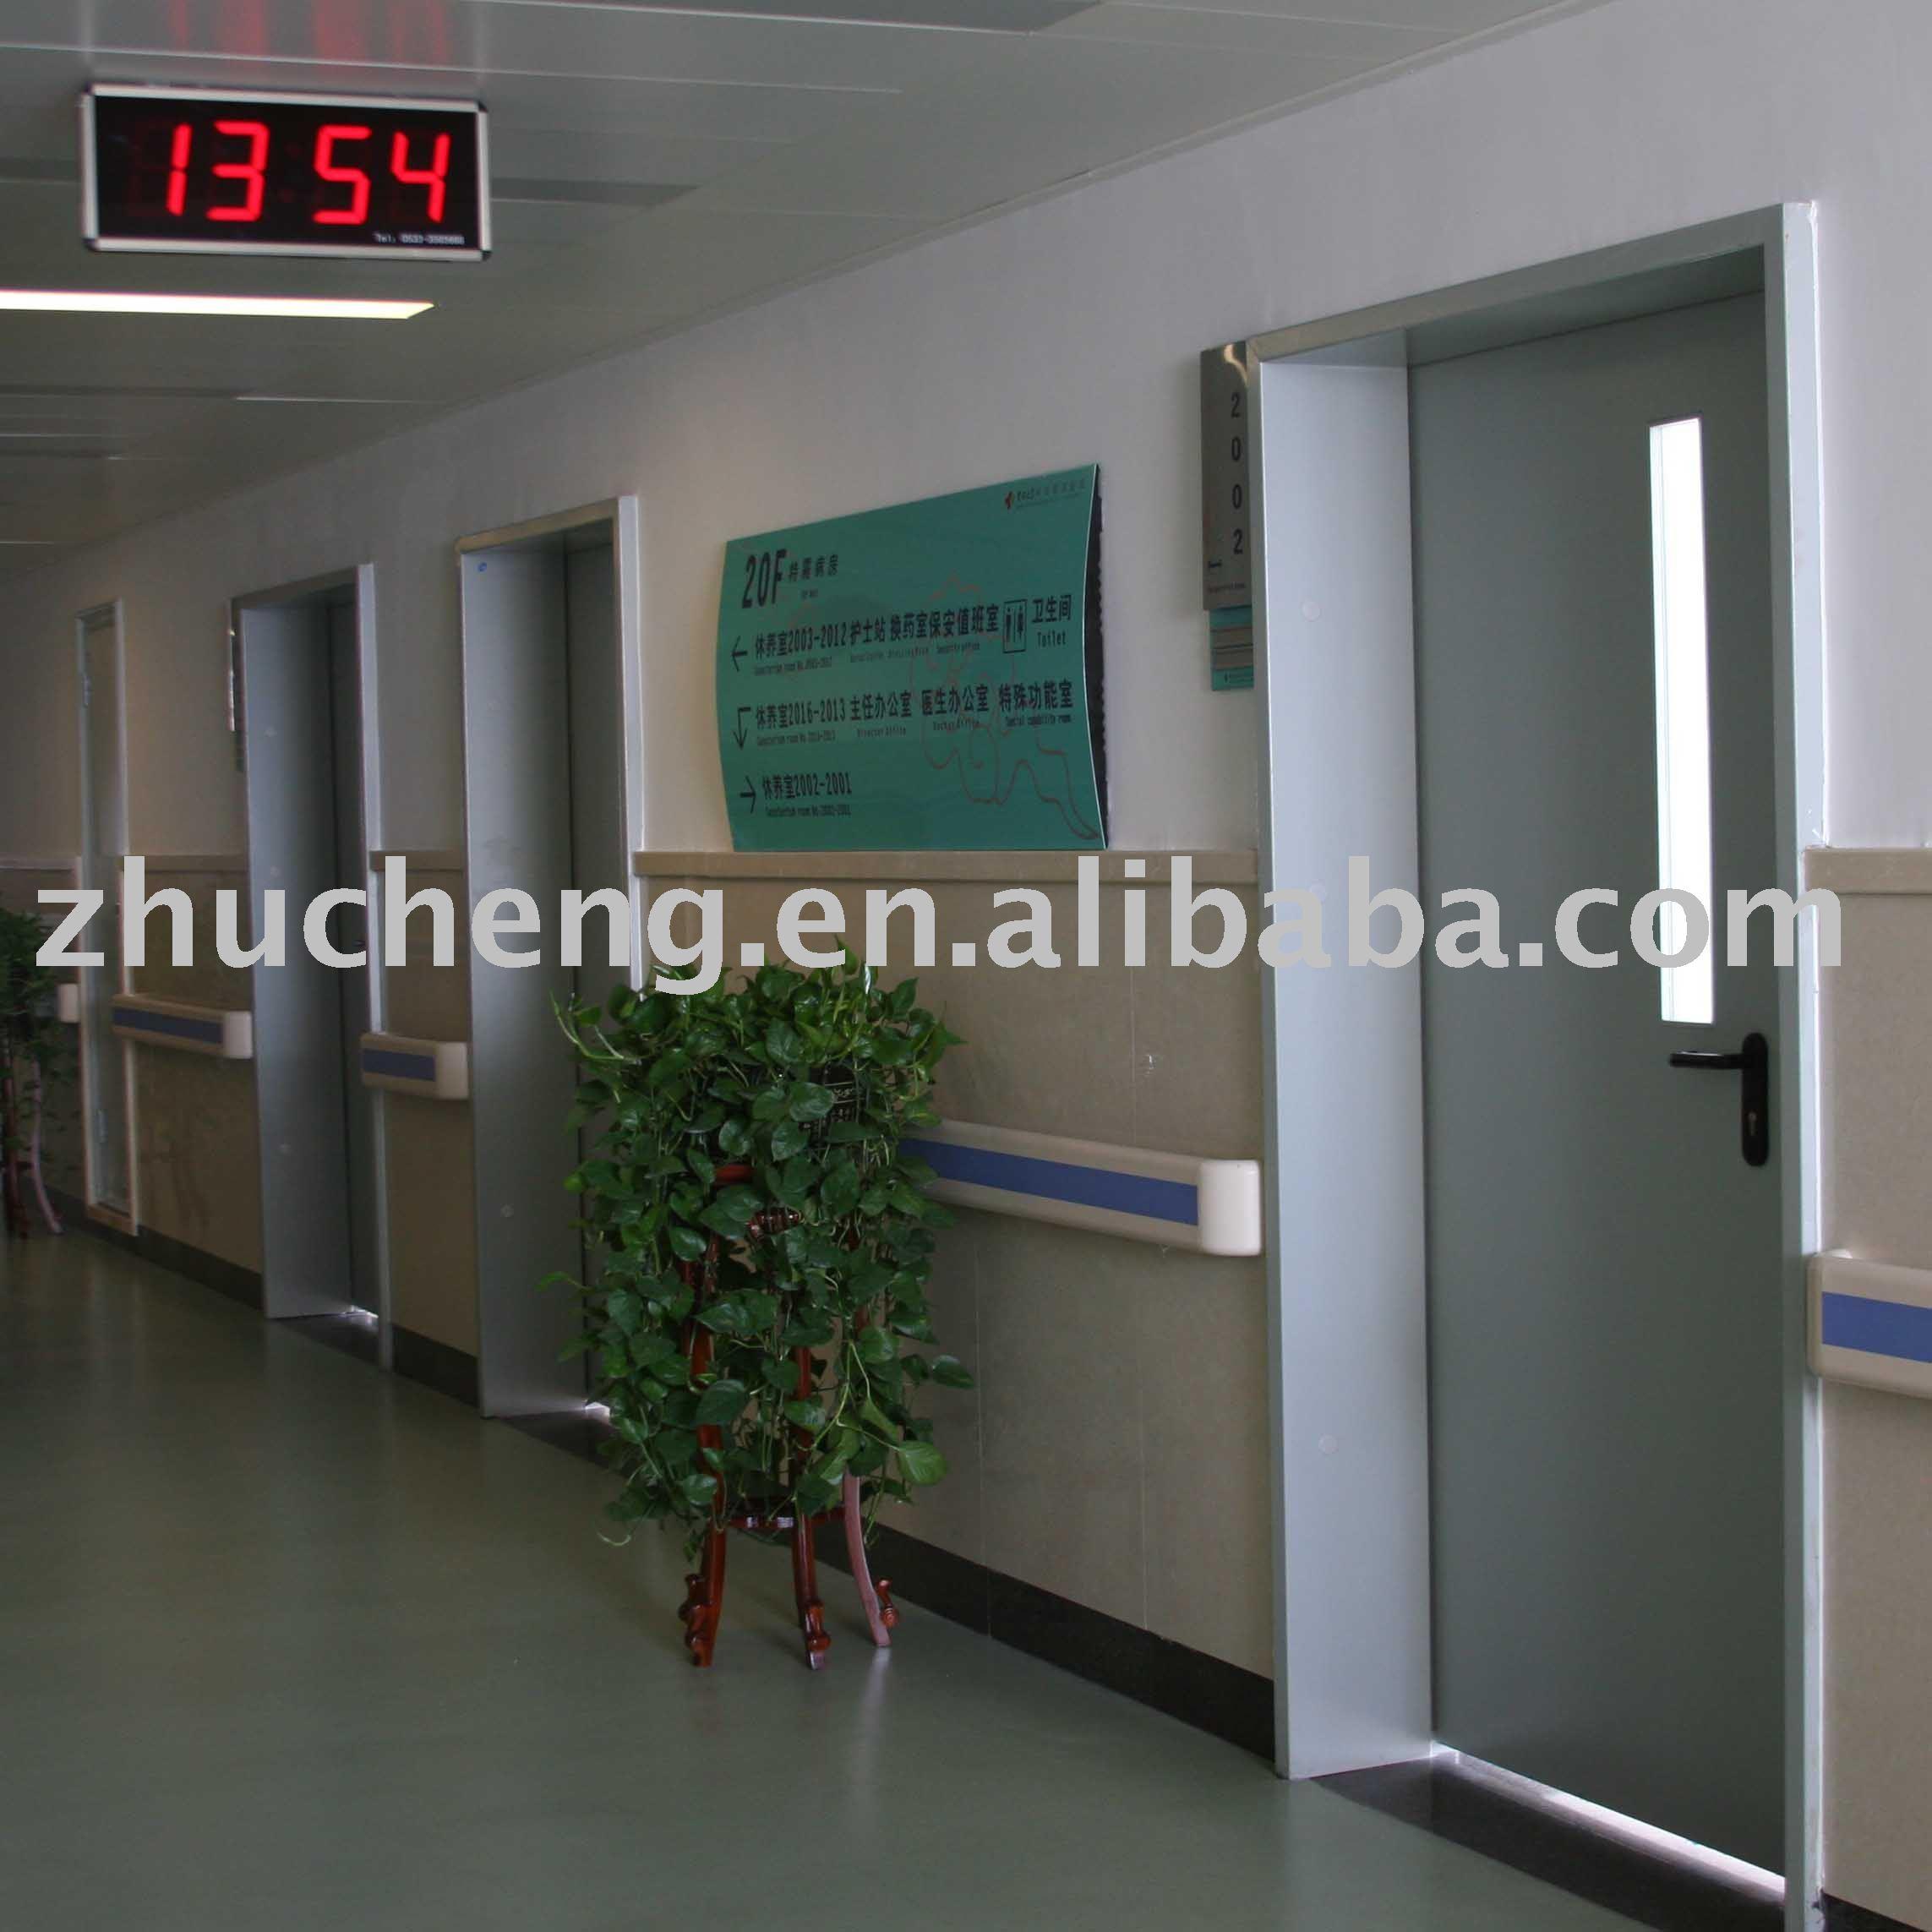 2286 #414961  Commercial Doors > Top Quality Steel Commercial Door (Hospital Door picture/photo Best Quality Doors 39592286